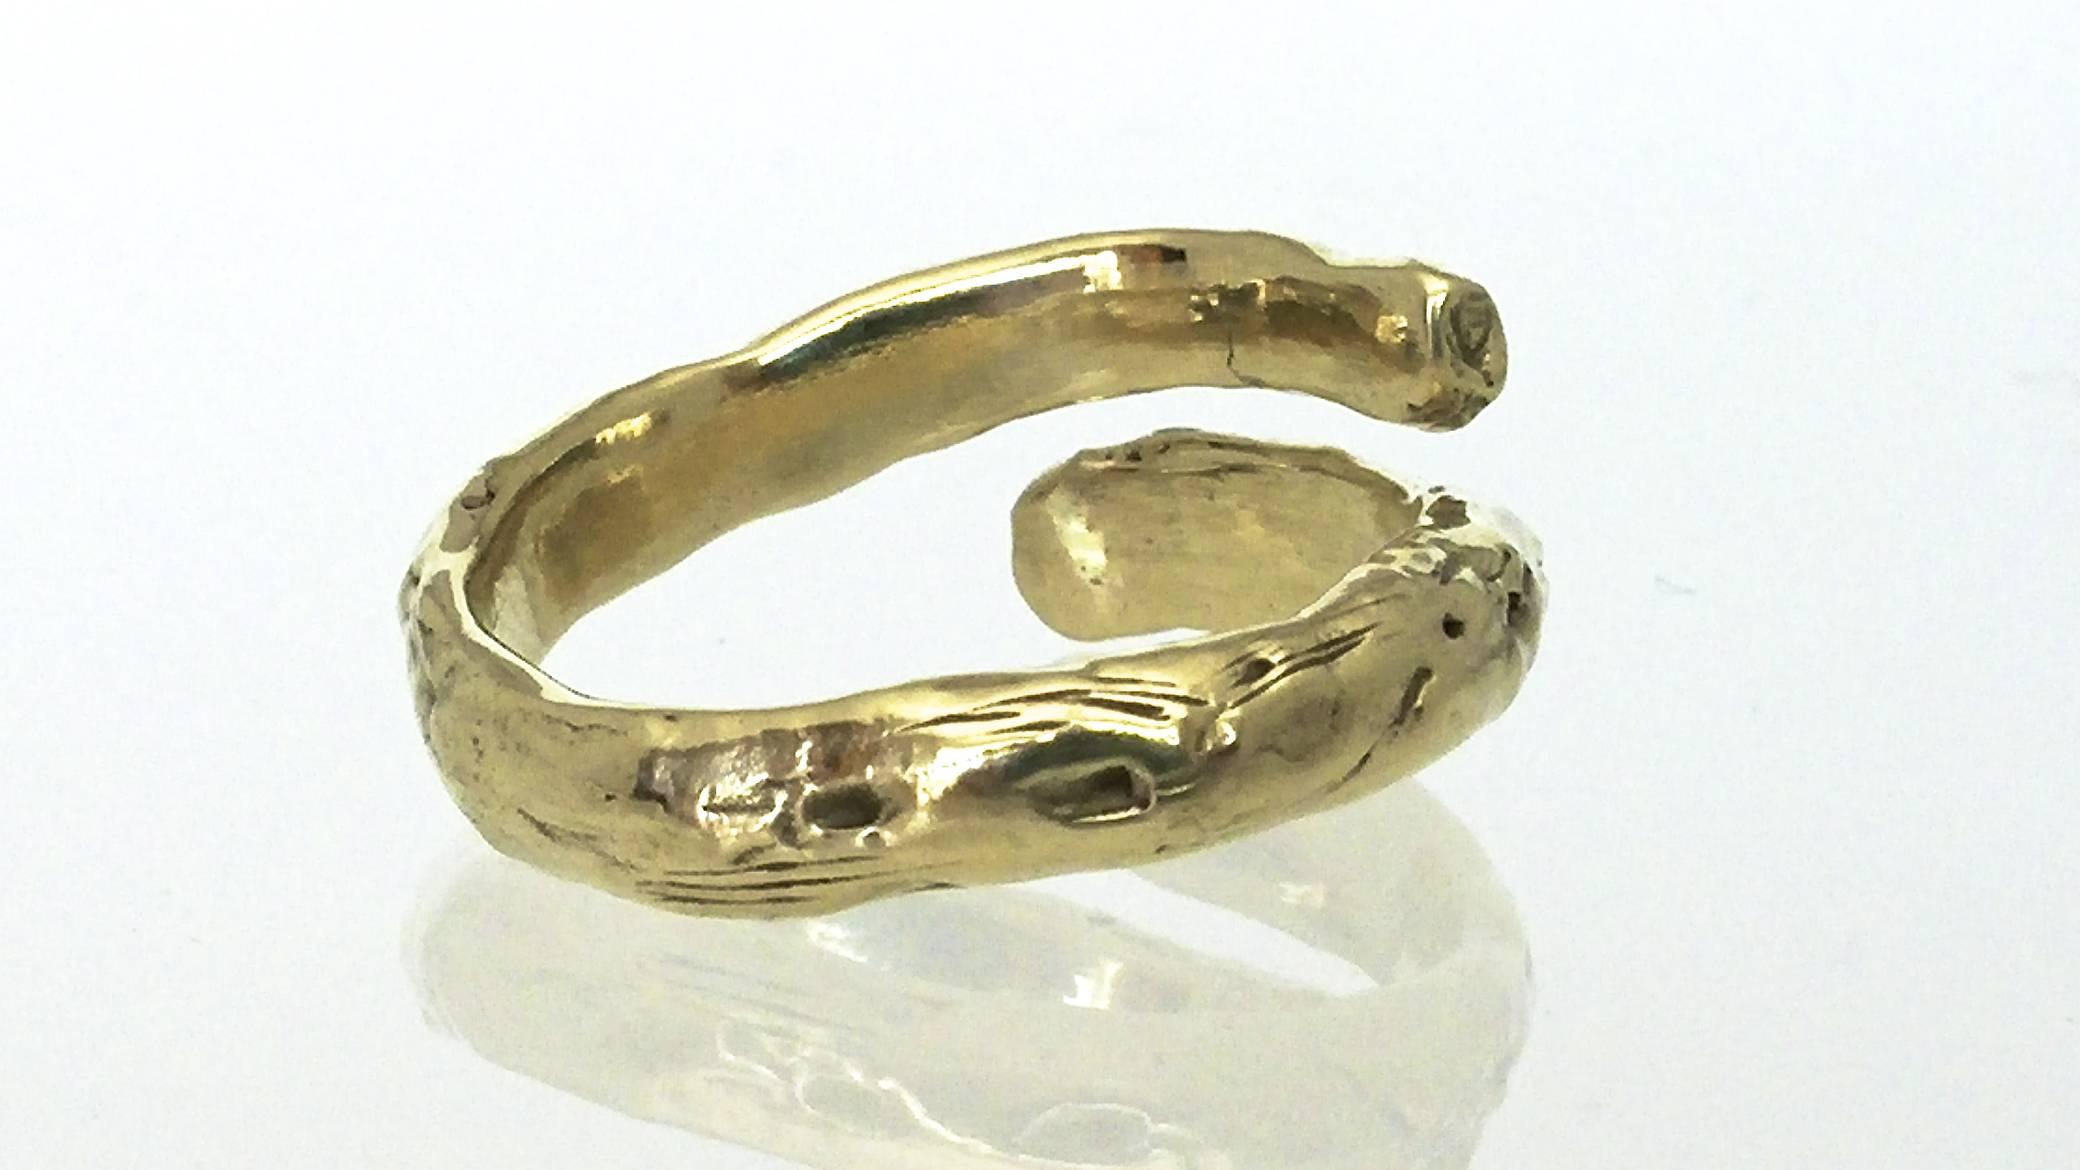 Custom 14K Yellow Gold, Twig Thumb Ring